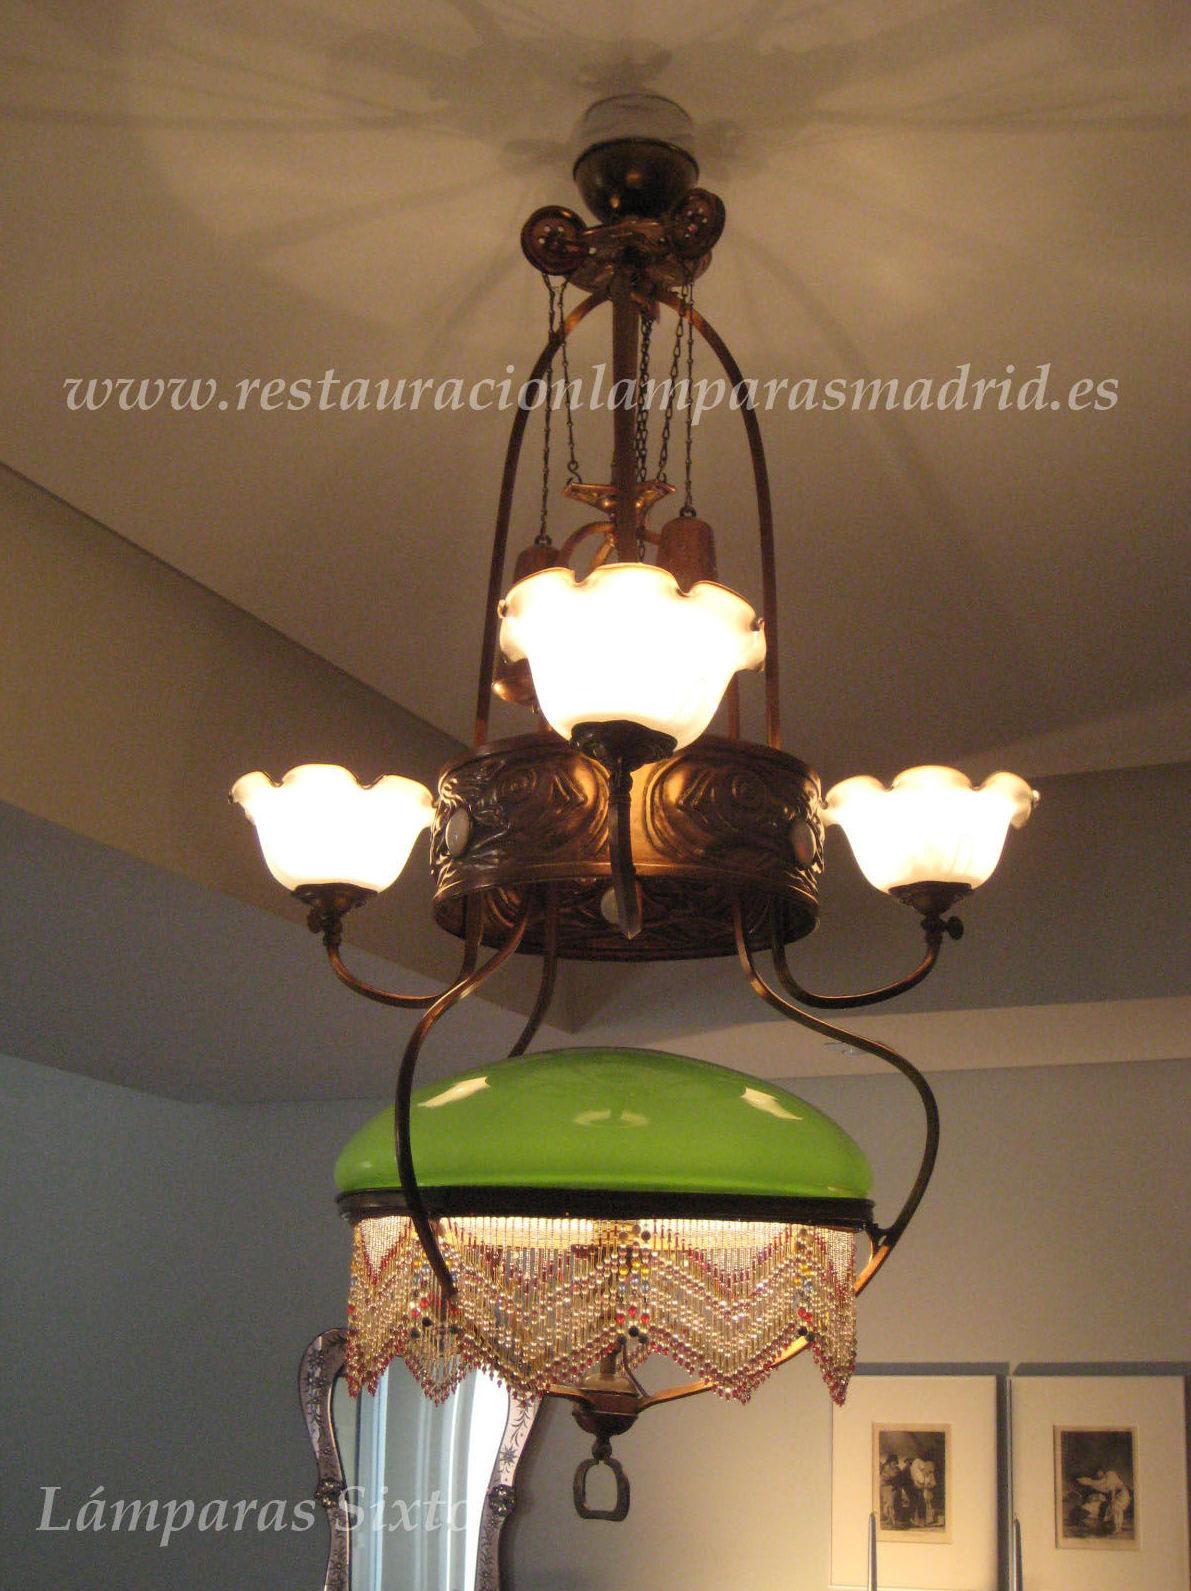 Lámpara de gas, con tulipa central de opalina verde y conjunto de 3 campanas.